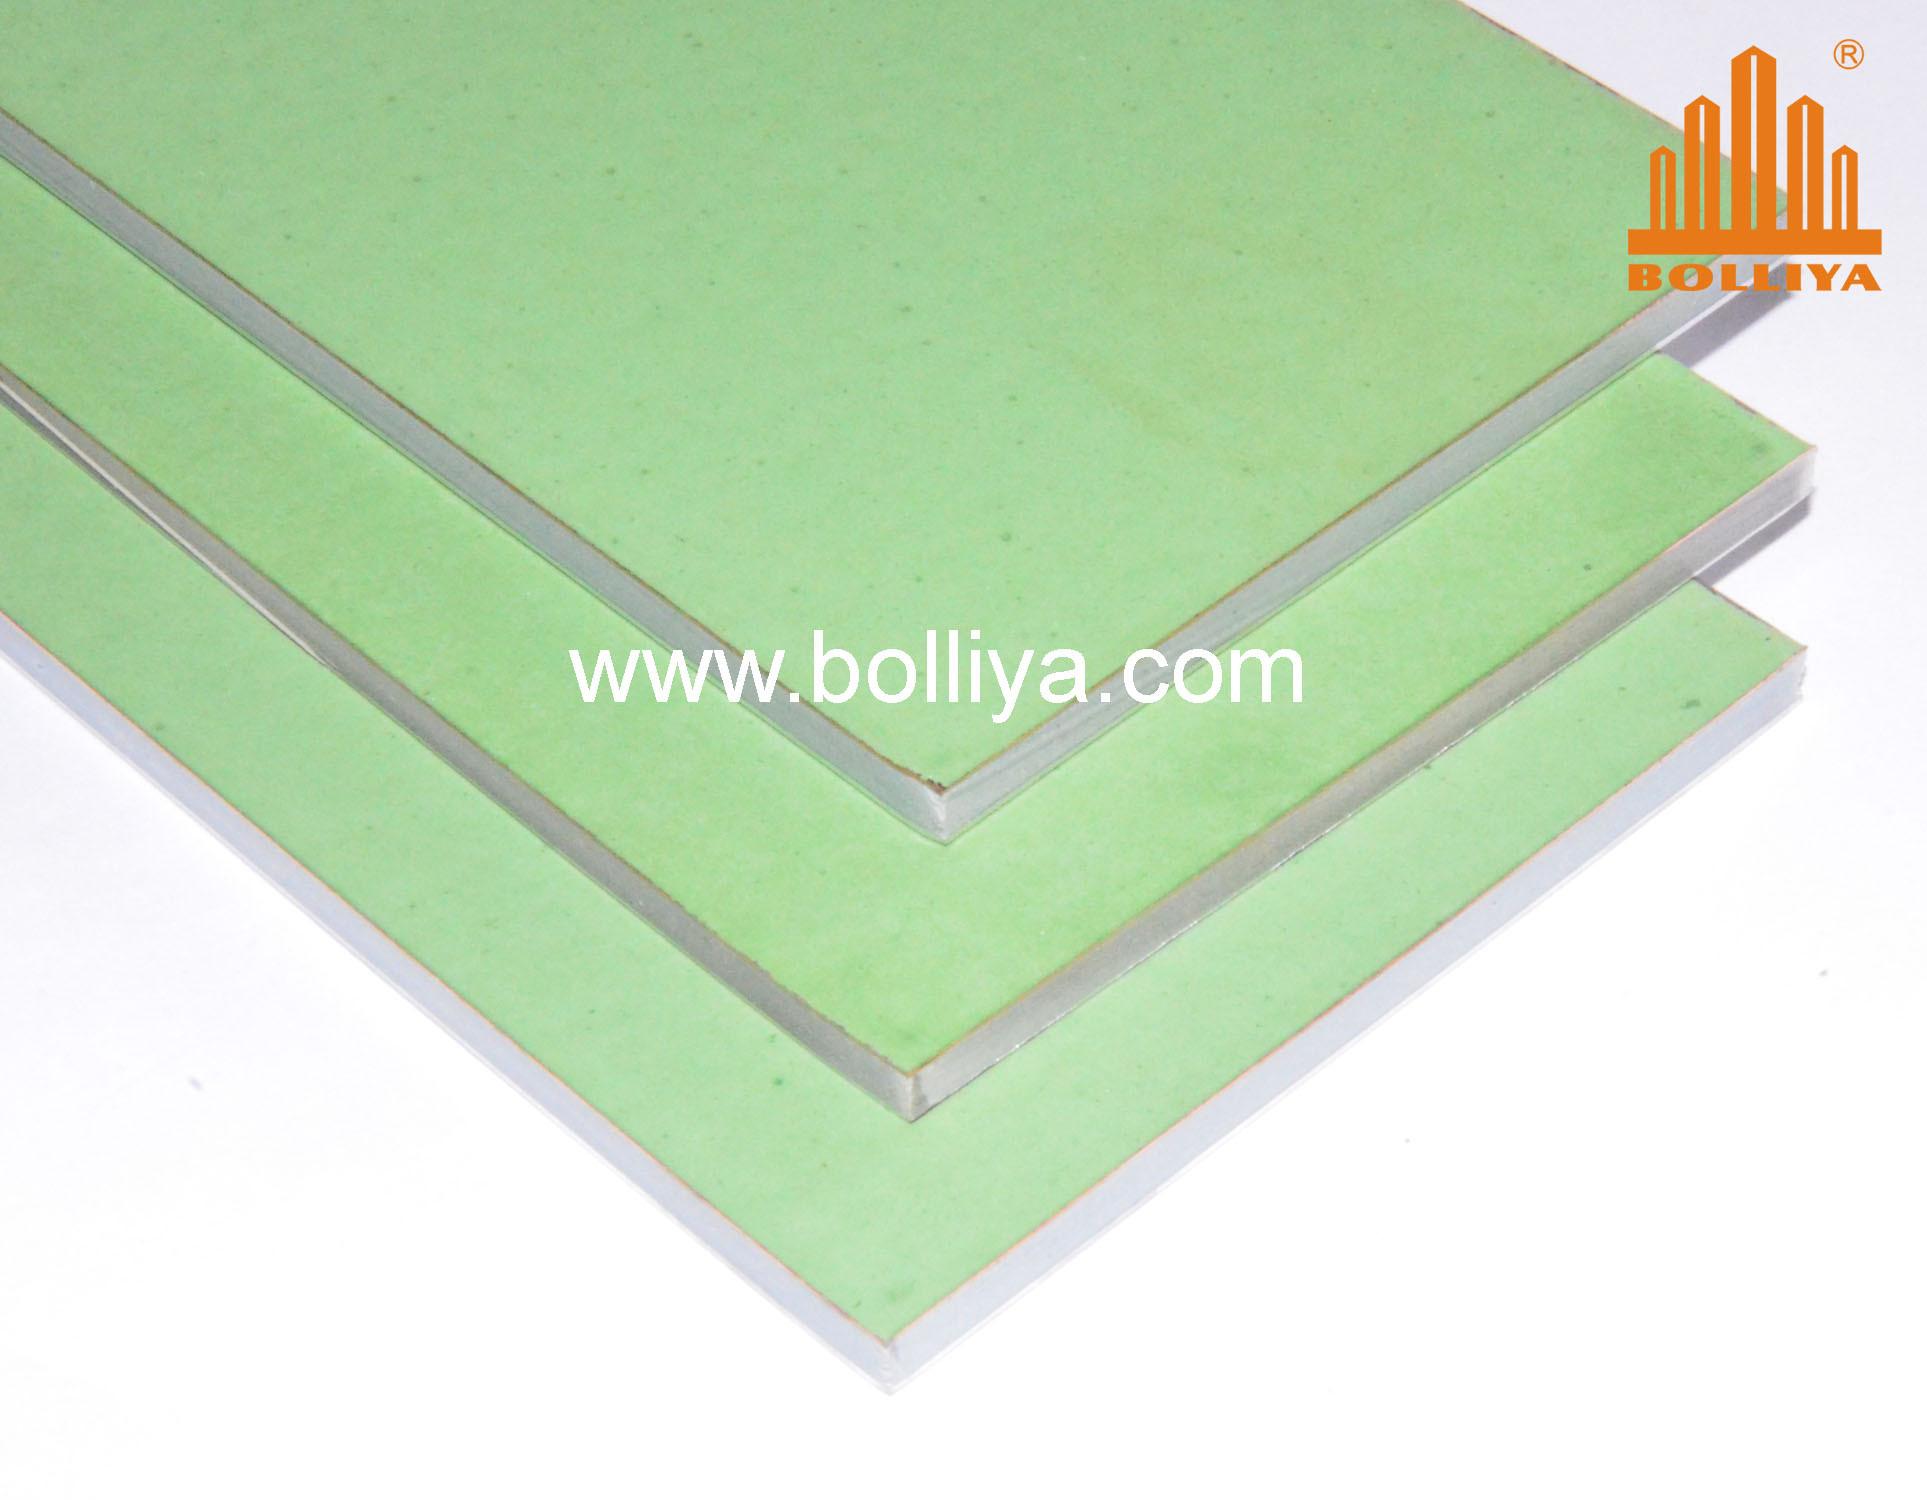 Copper Facade / Copper / Cladding / Copper Composite Panel / CC-003 Copper Patina